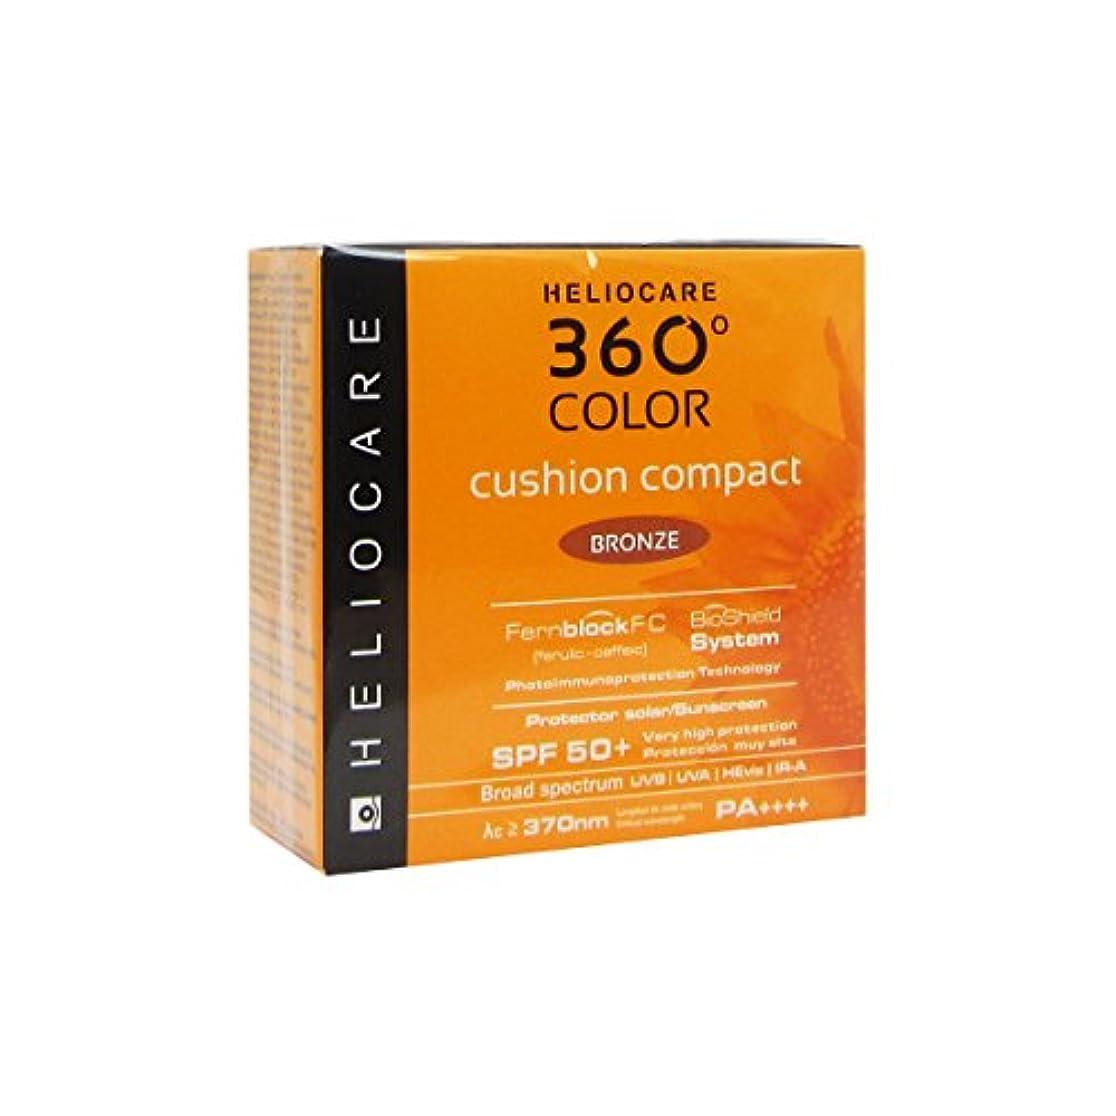 奪う商標好色なHeliocare 360 Compact Cushion Spf50 Bronze Spf50 + 15g [並行輸入品]